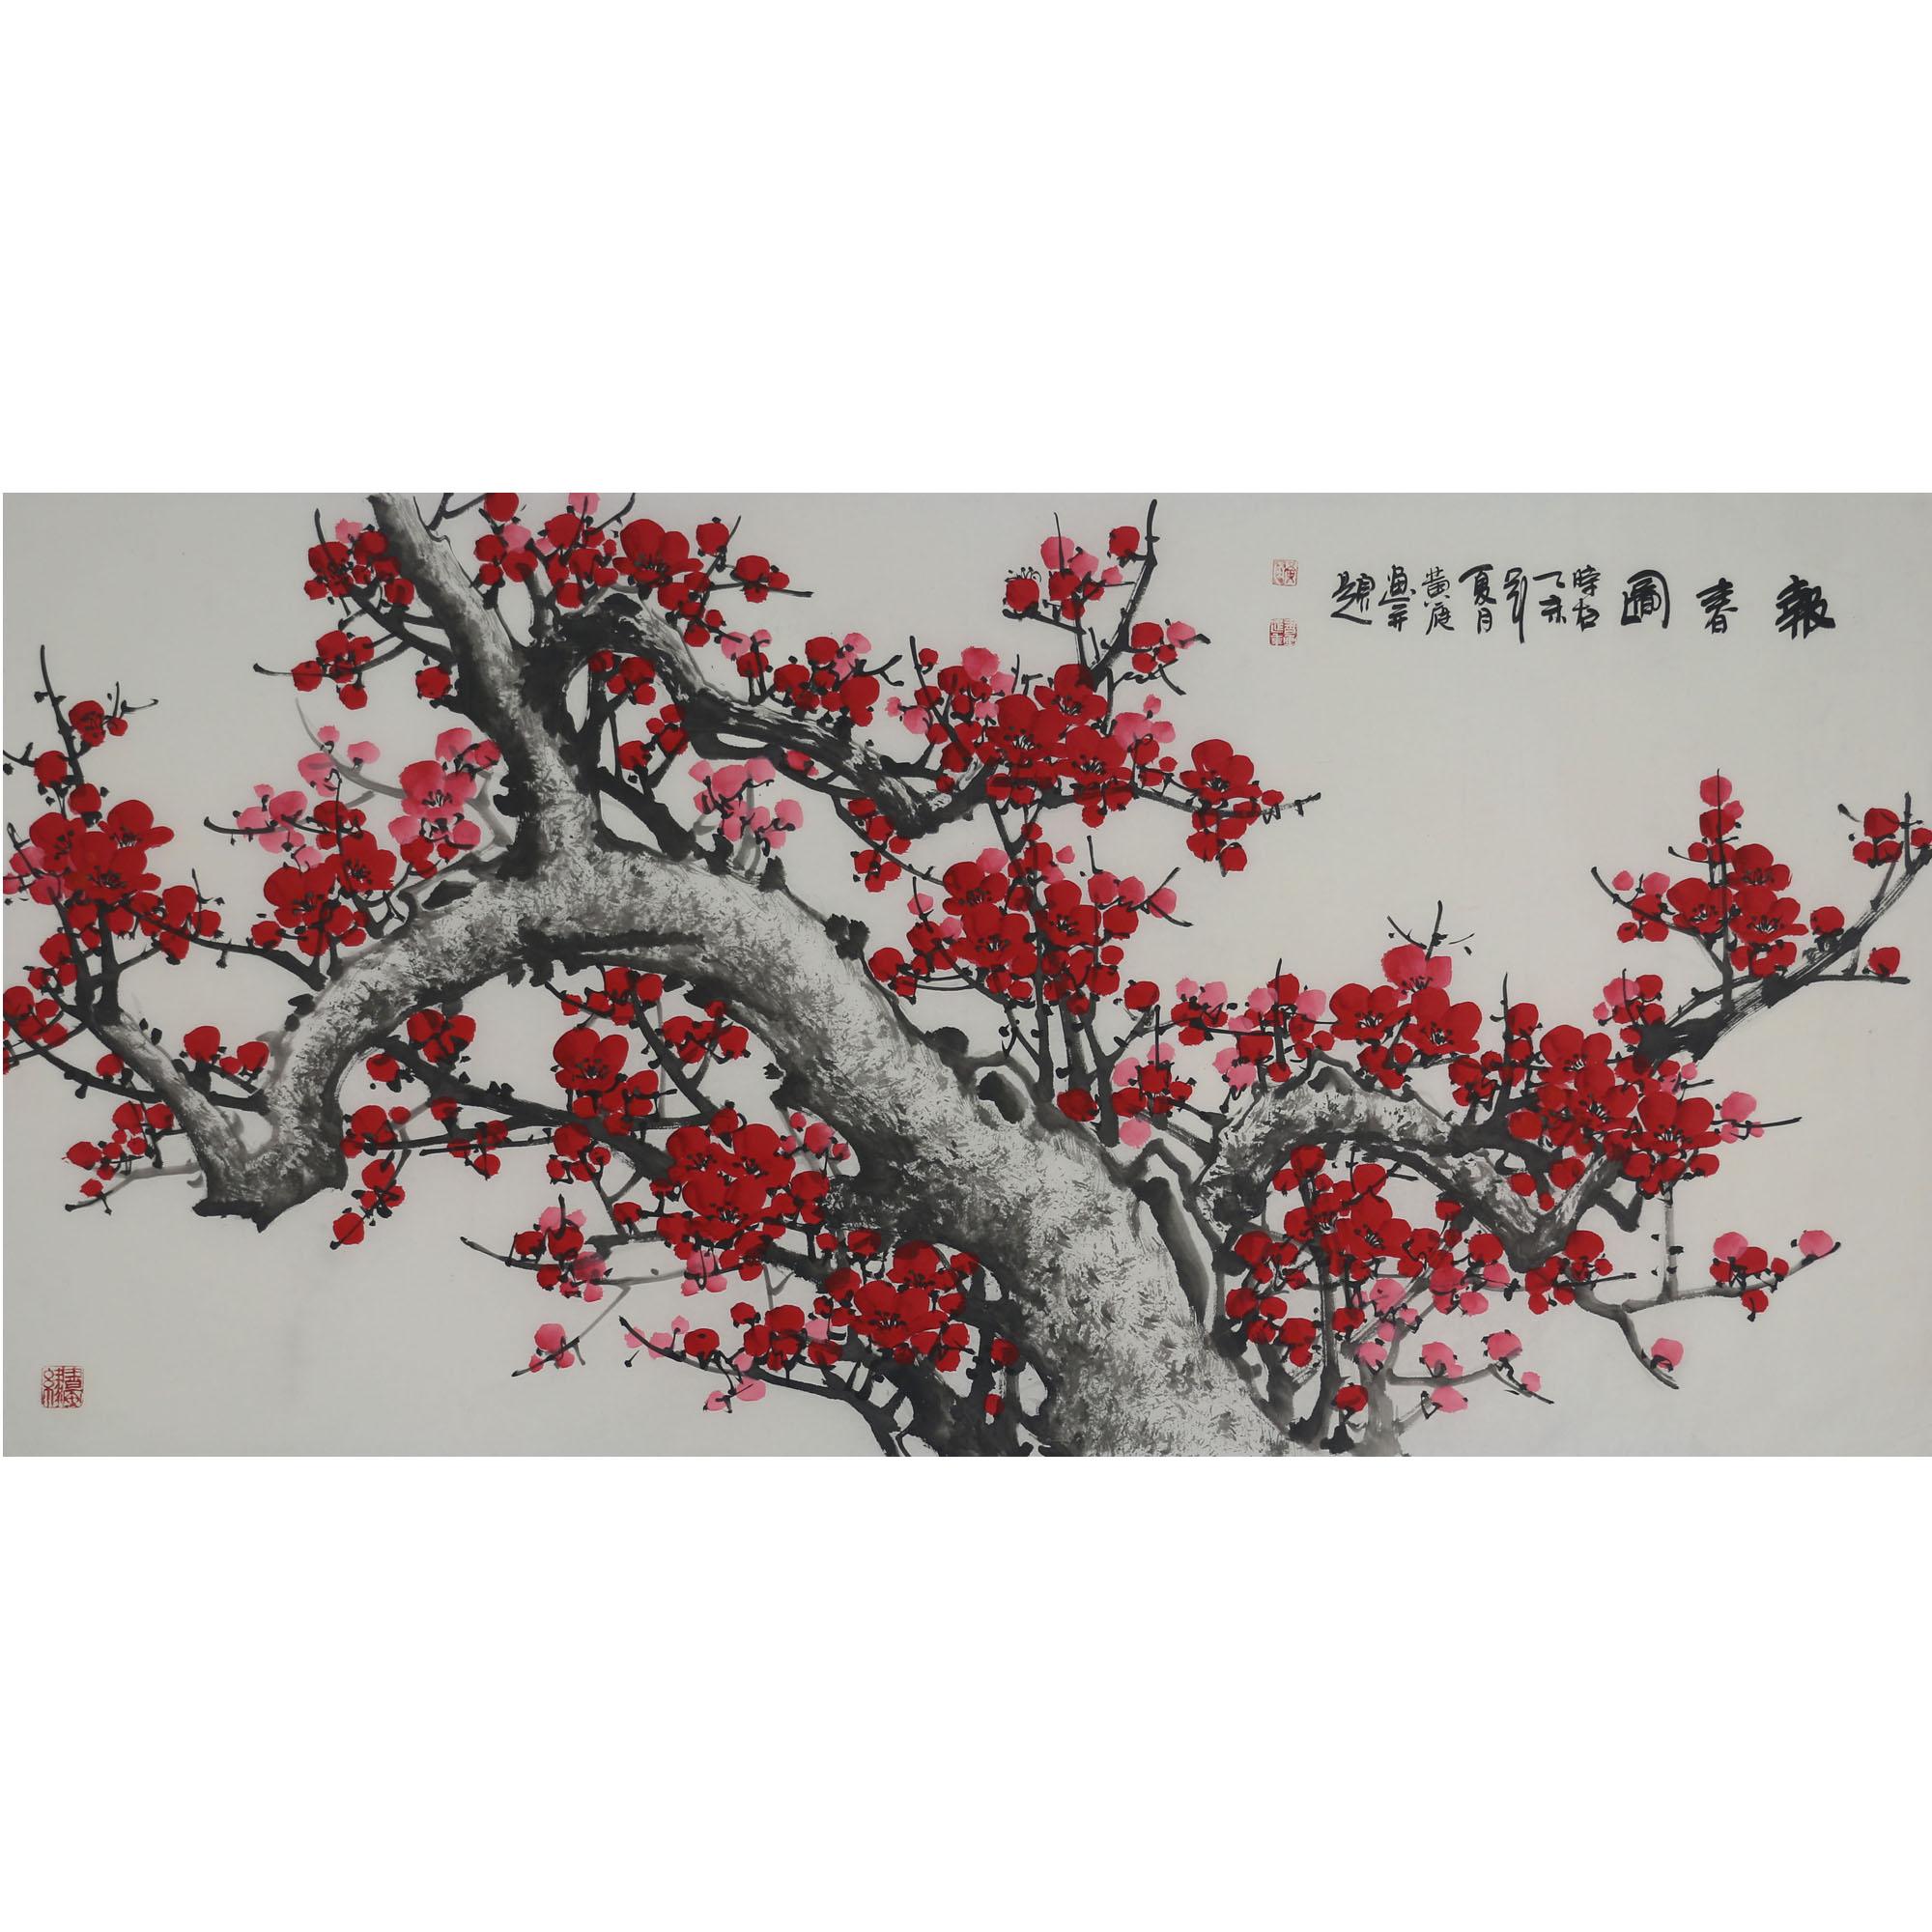 字画手绘梅开五福卧室装饰画新古典国画书画梅花图客厅新中式壁画